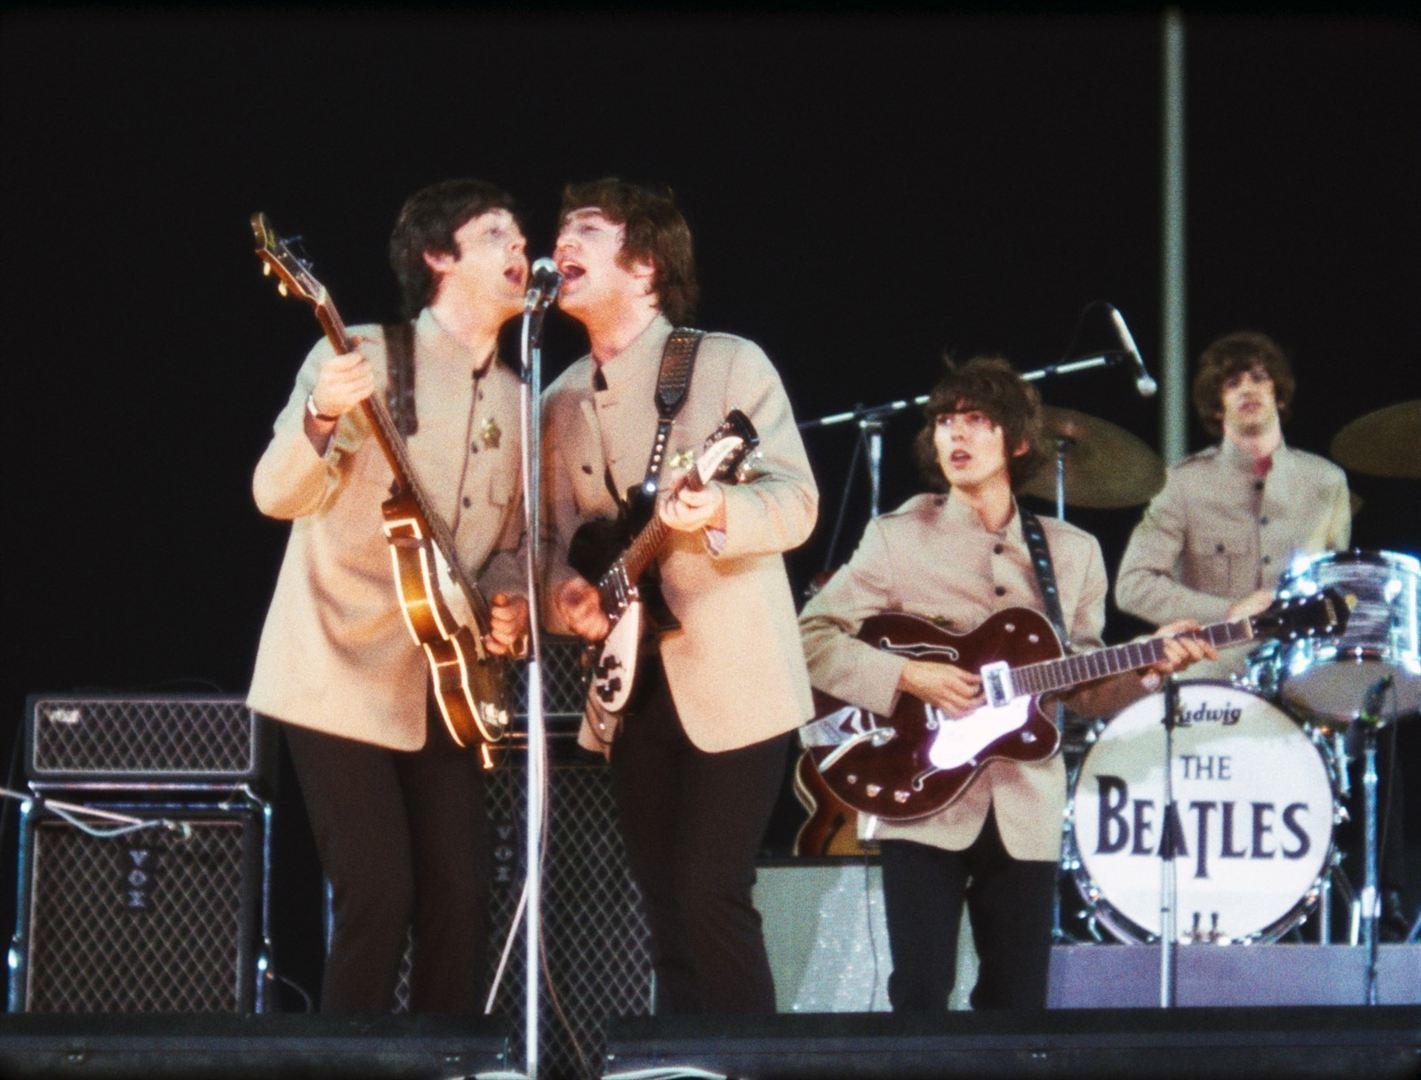 Peter Jackson aux commandes d'un documentaire sur les Beatles